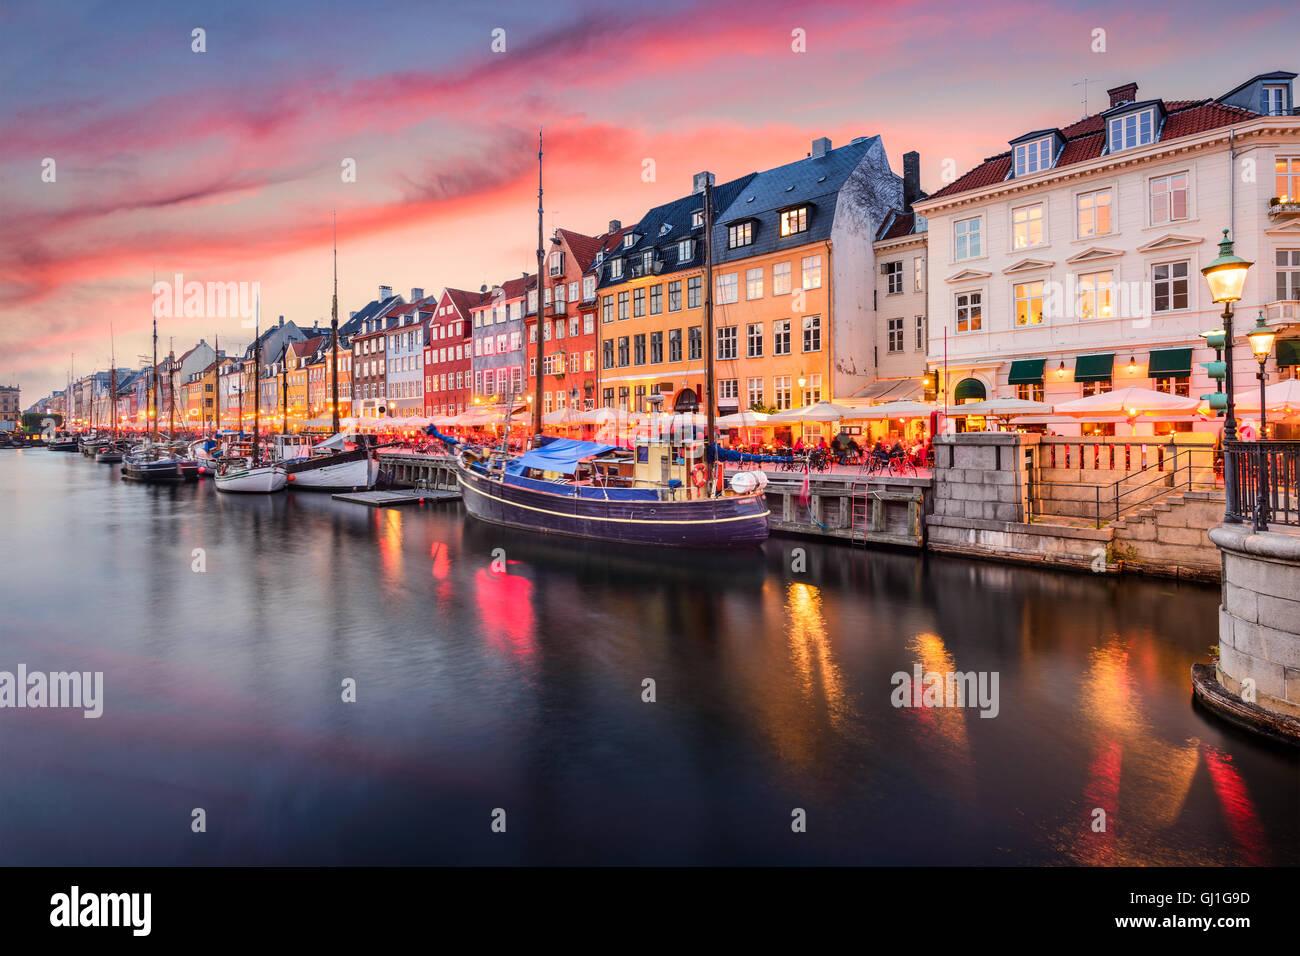 Copenhagen, Denmark on the Nyhavn Canal. - Stock Image